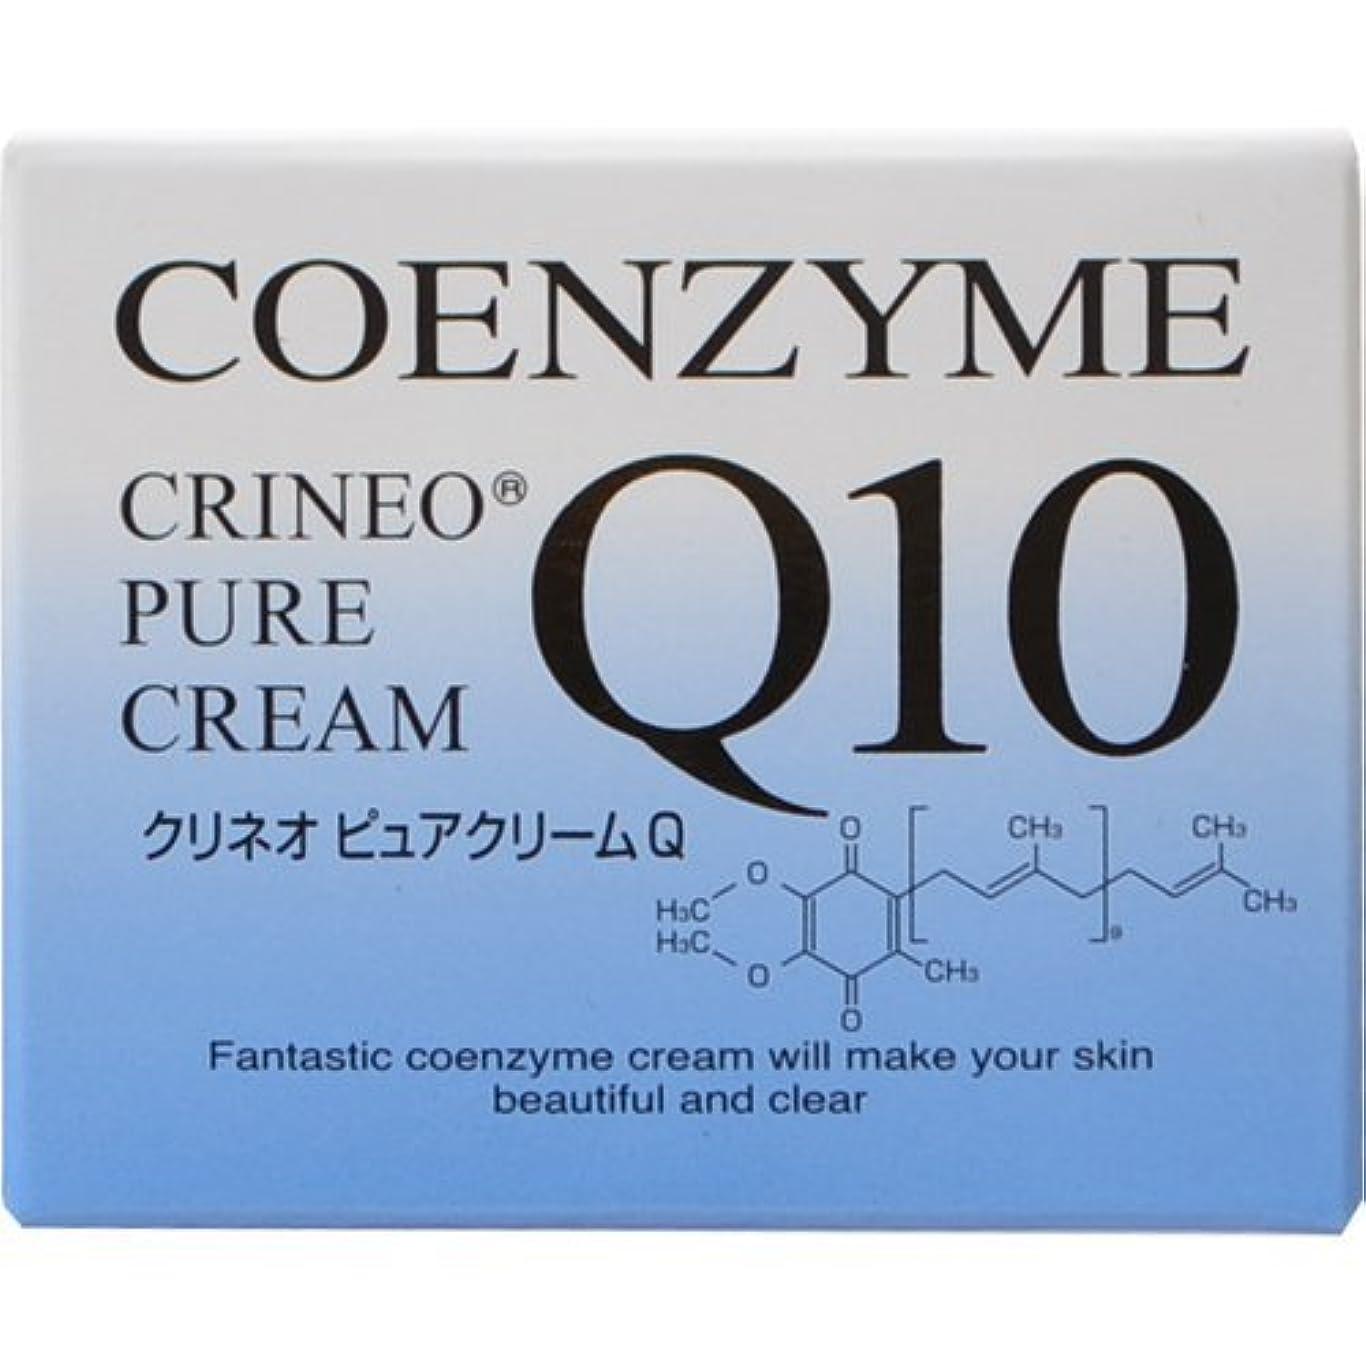 献身ぶどう説得力のあるクリネオ ピュアクリームQ コエンザイムQ10を配合した浸透型の保湿クリーム